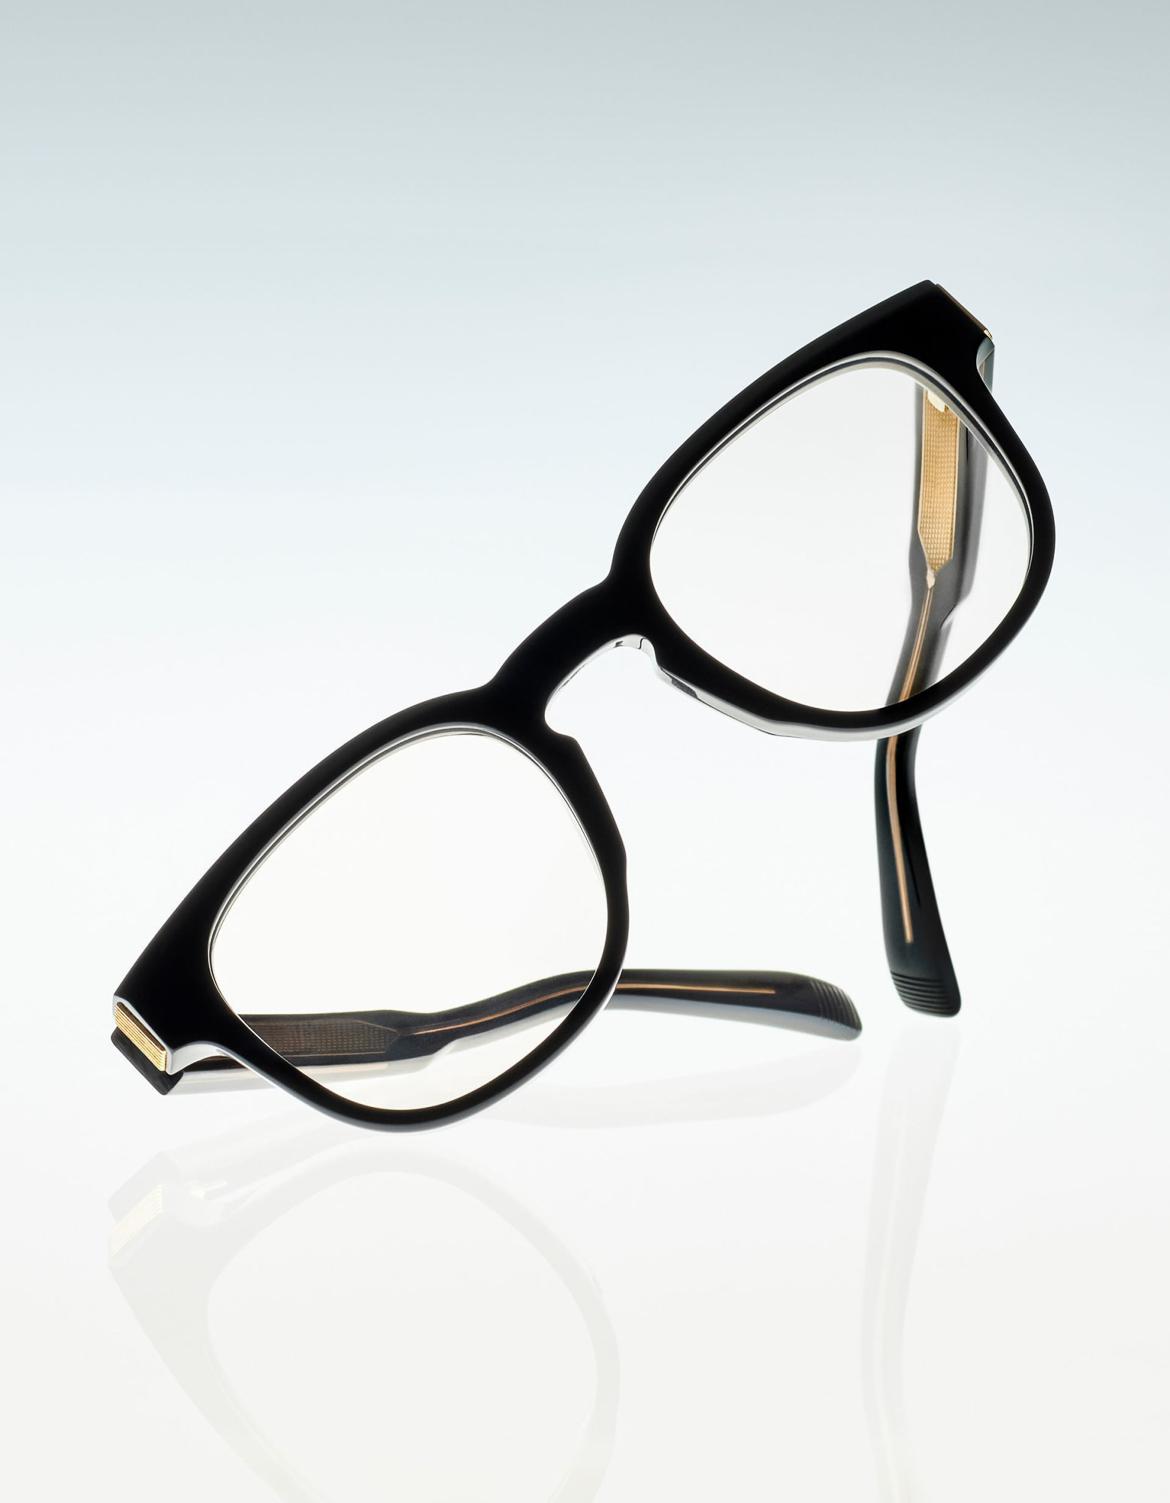 dunhill briller